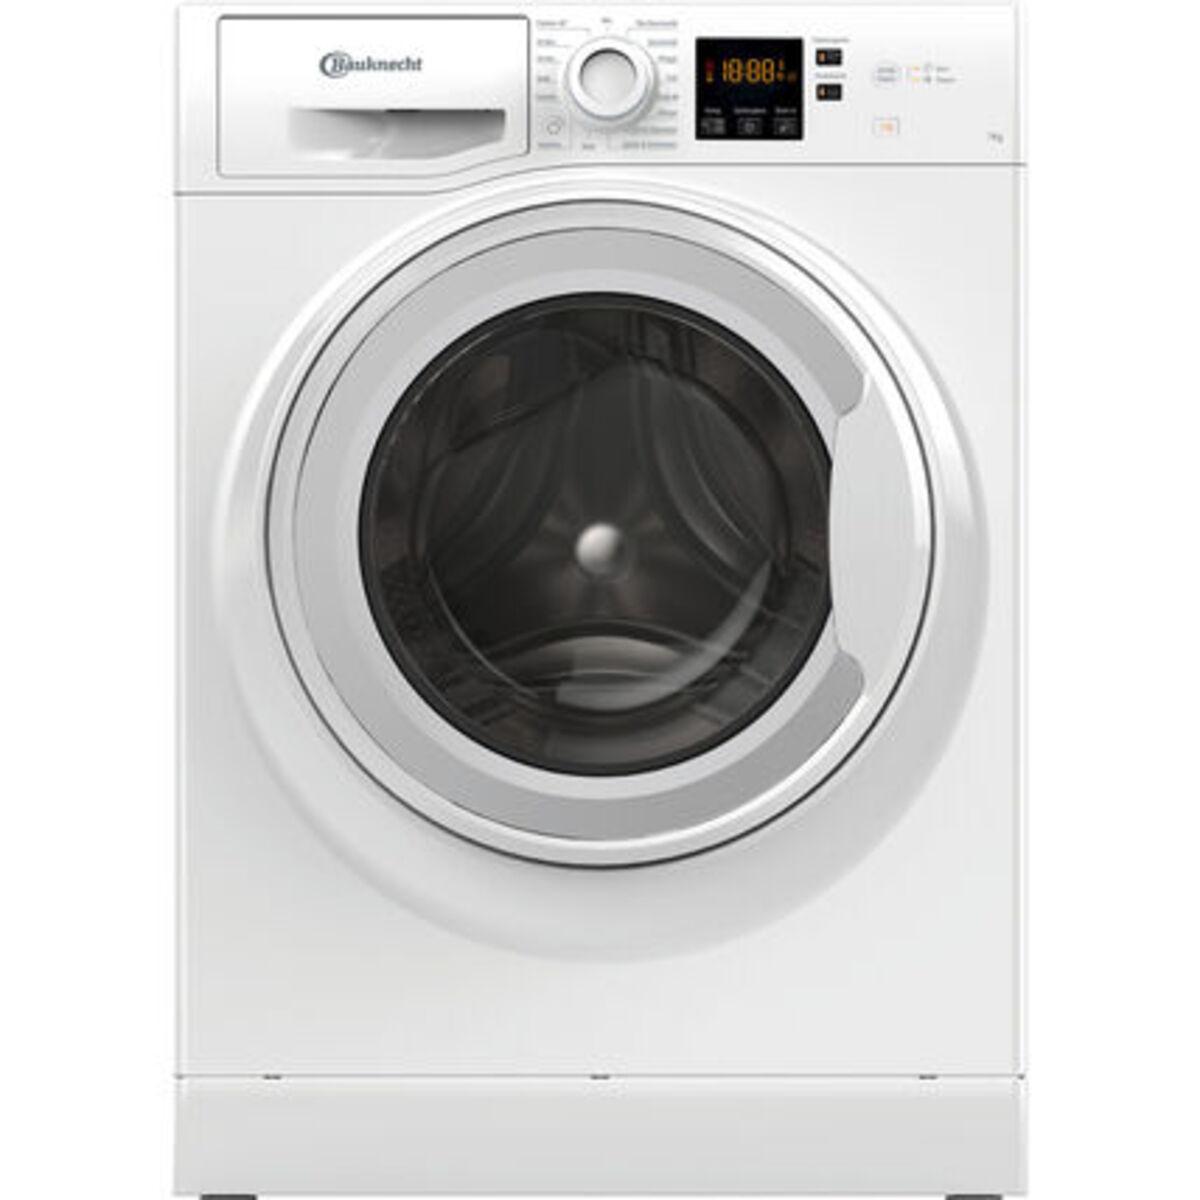 Bild 1 von Bauknecht AW 7A3 Waschmaschine, 7 kg, A+++